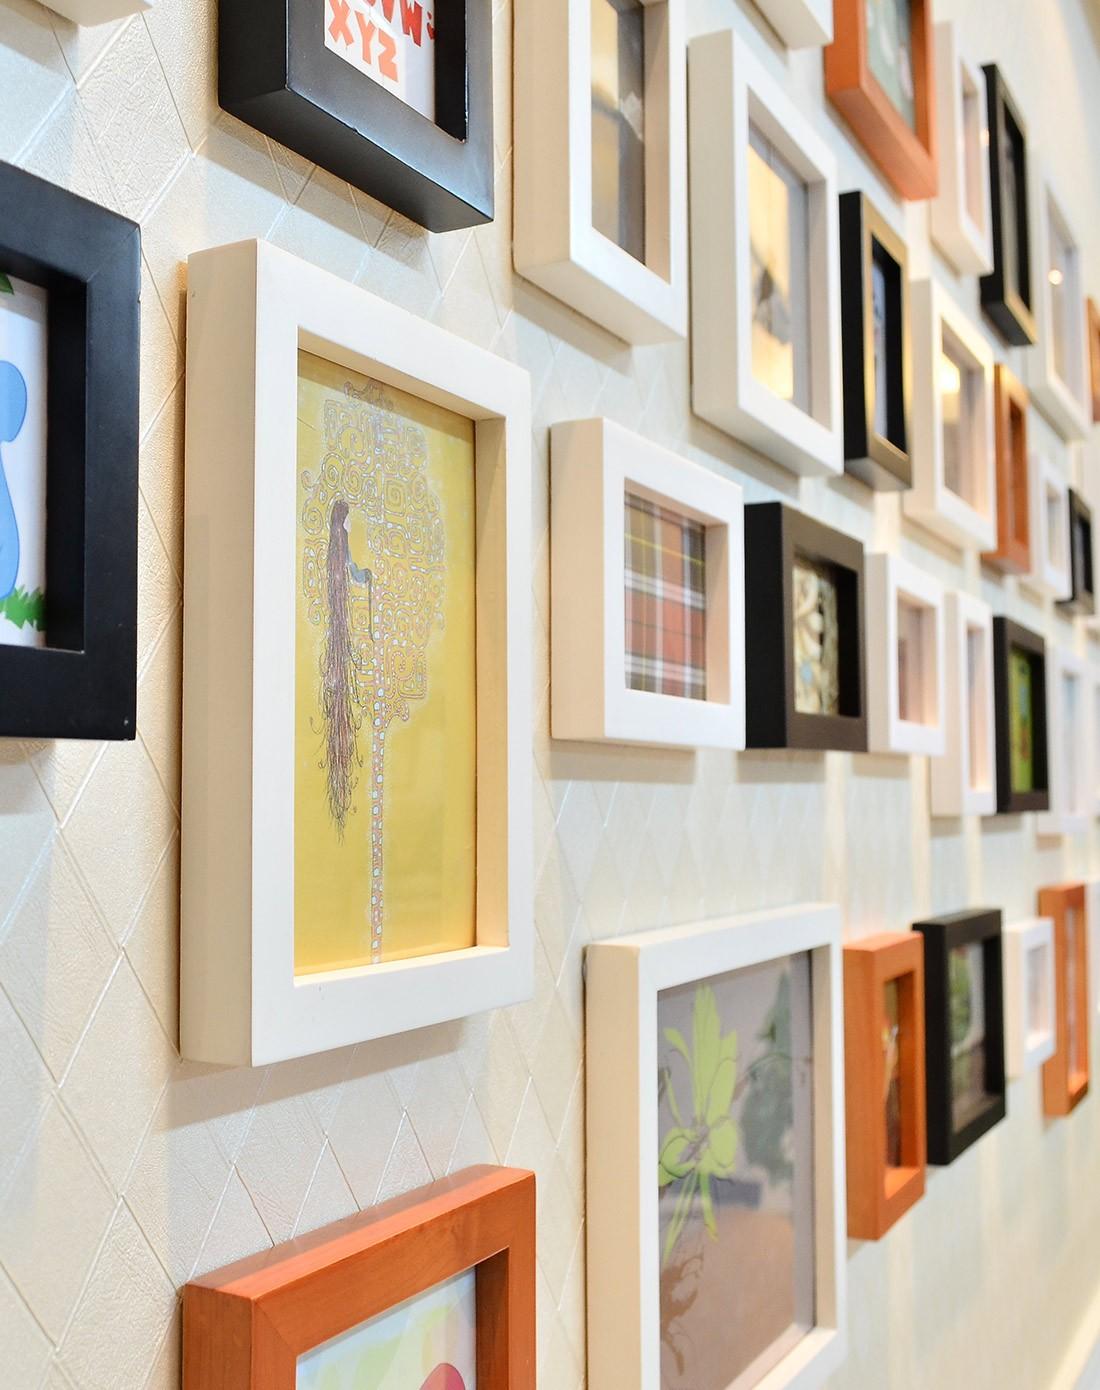 梓晨照片墙专场38框超大墙面欧式风格黑白胡组合hd-3